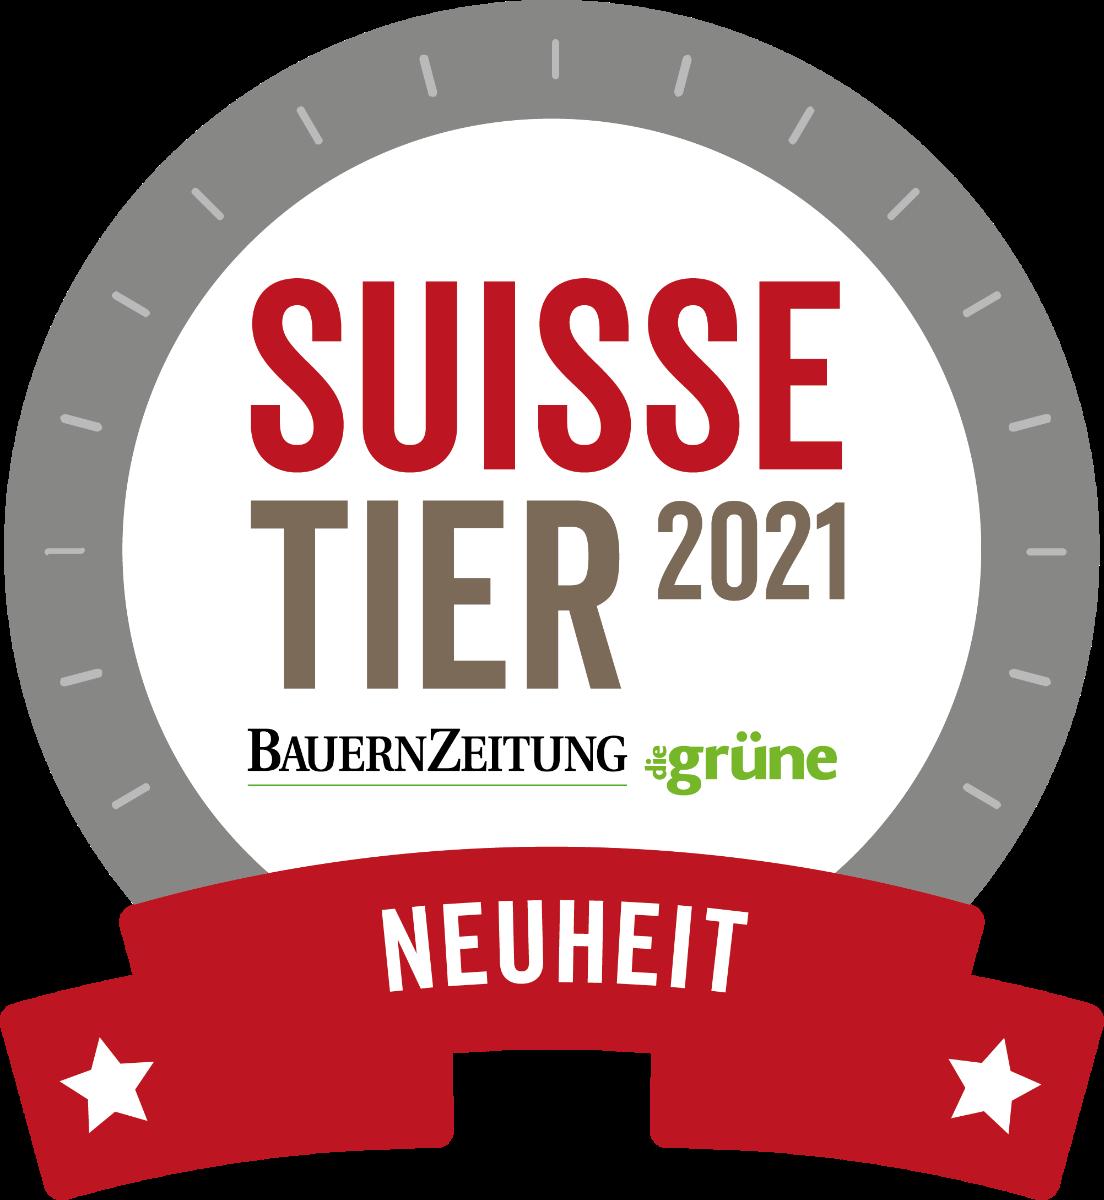 SuisseTier_21_Plakette_Neuheit